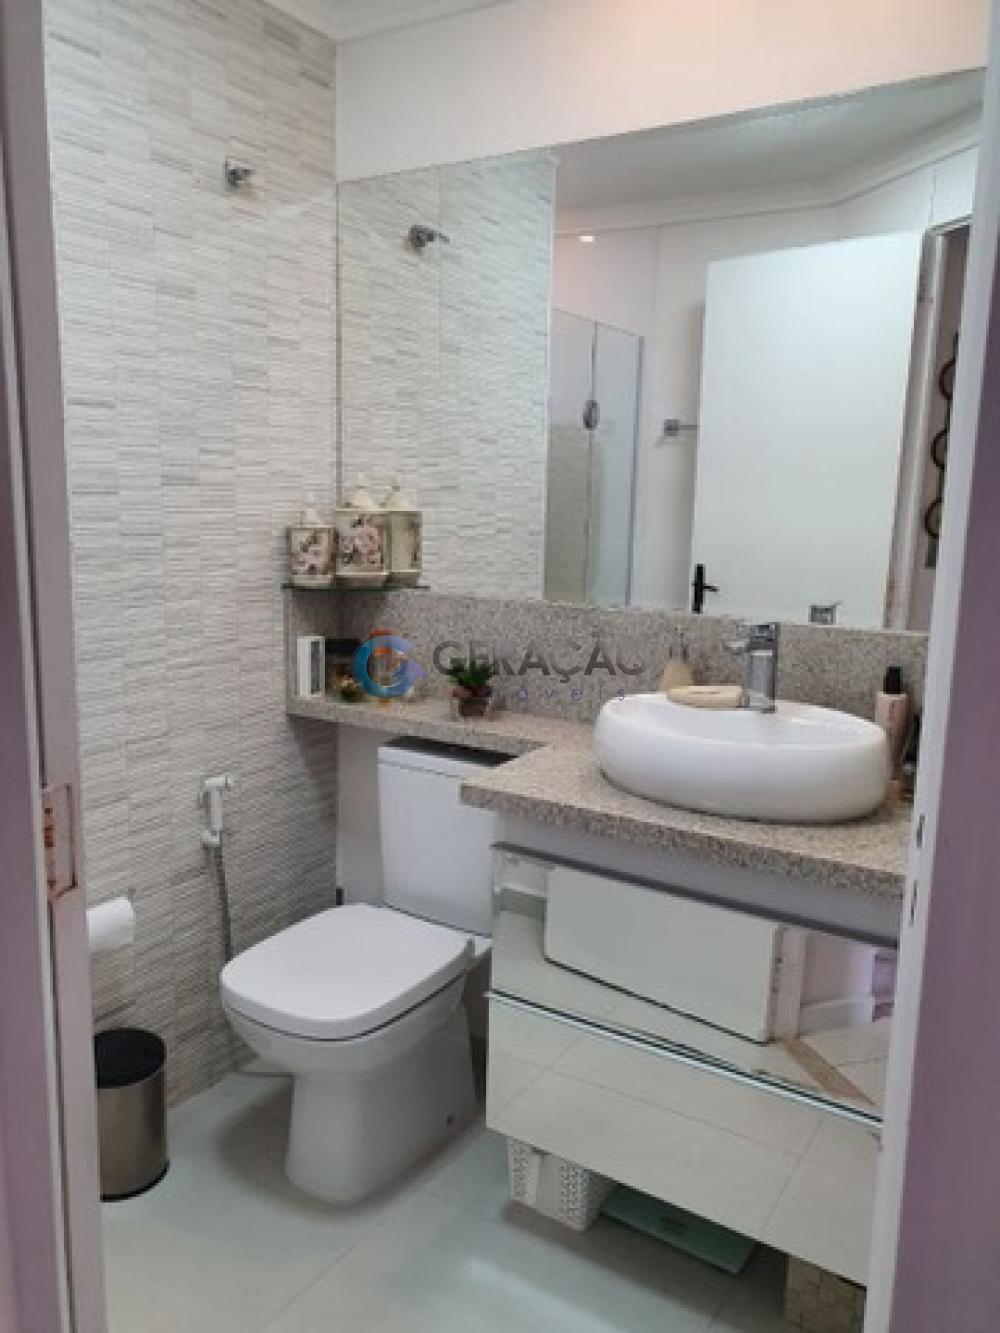 Comprar Apartamento / Padrão em São José dos Campos R$ 330.000,00 - Foto 12